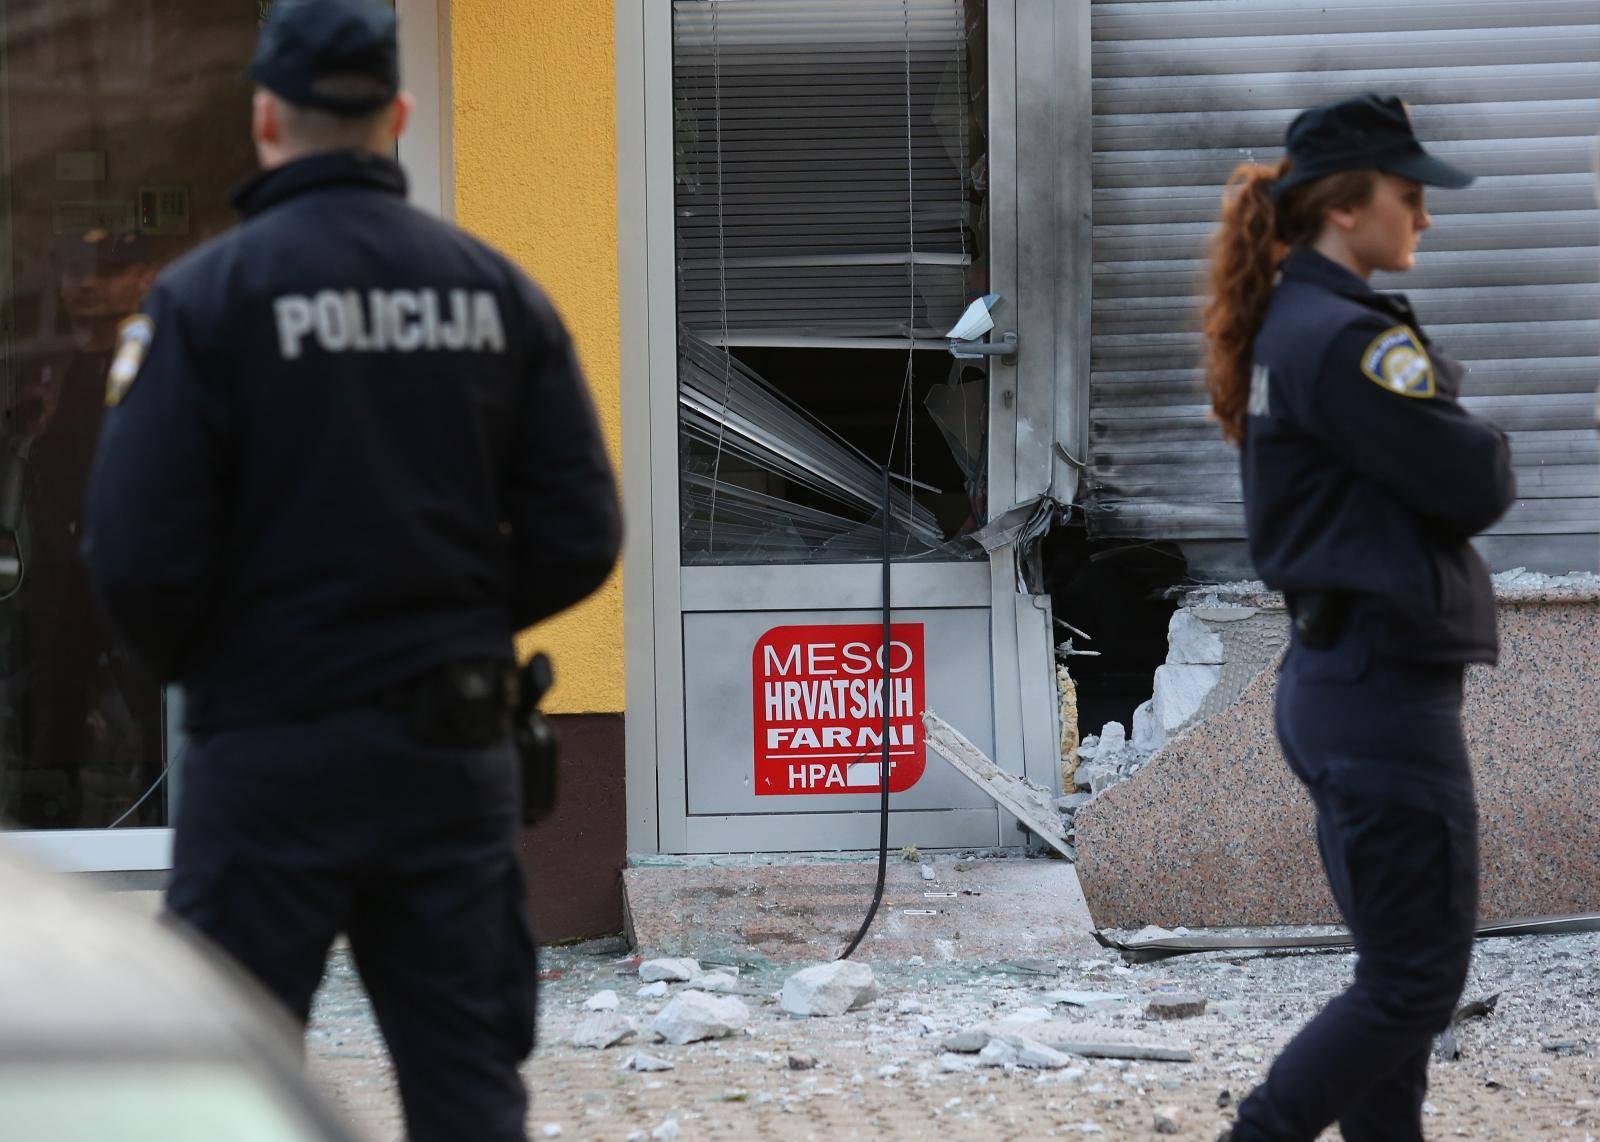 Eksplozija u Zagrebu: Grunulo na tržnici, policija ne zna što je